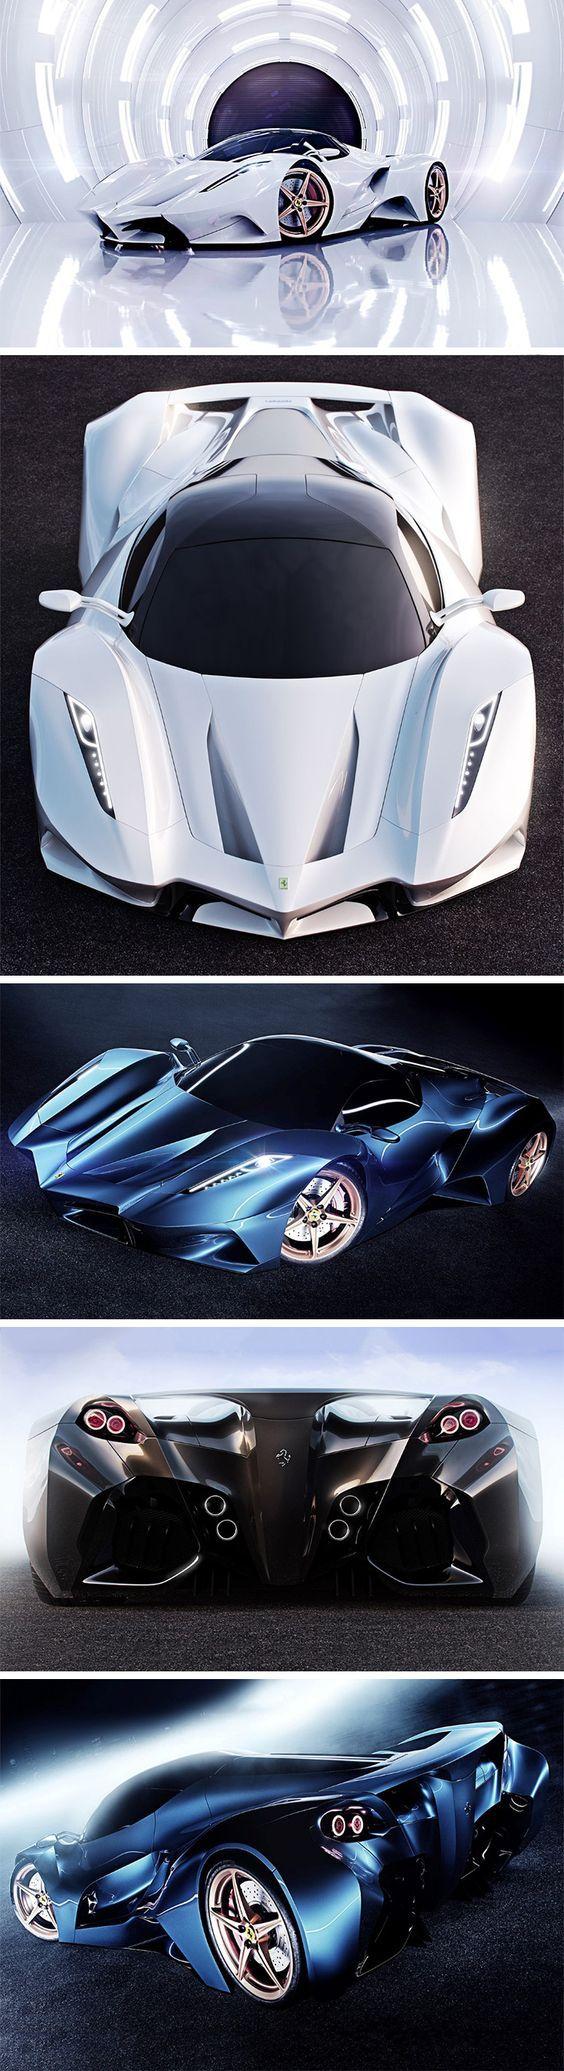 A Wolf In Ferrari S Clothing Conceptcars In 2020 Super Cars Fancy Cars Futuristic Cars